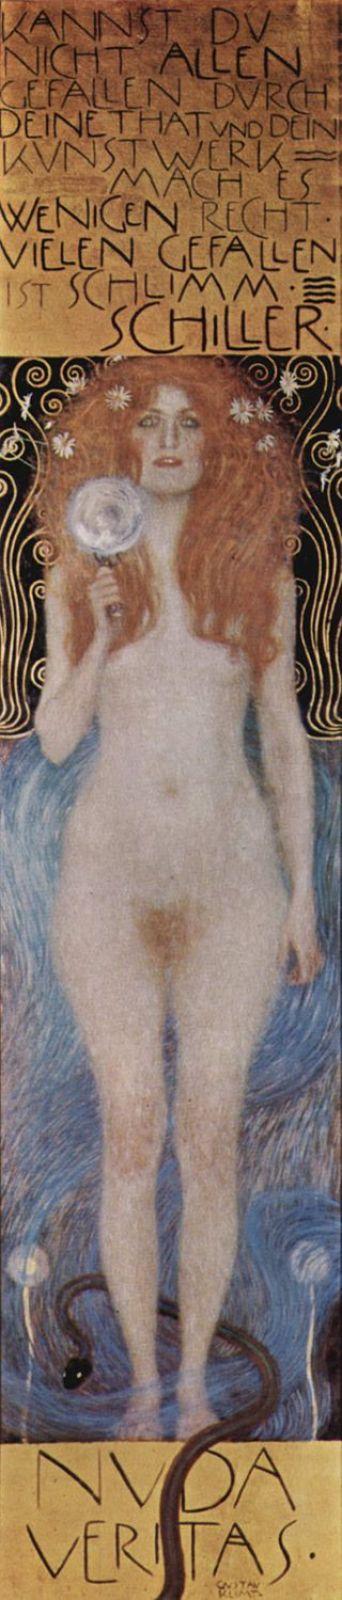 Общественность возопила еще раз, когда Климт написал картину «Обнаженная женщина». В зеркале истины, которое держит героиня полотна – цитата из Шиллера: ««Если ты не можешь твоими делами и твоим искусством понравиться всем, понравься немногим. Нравиться многим — зло».